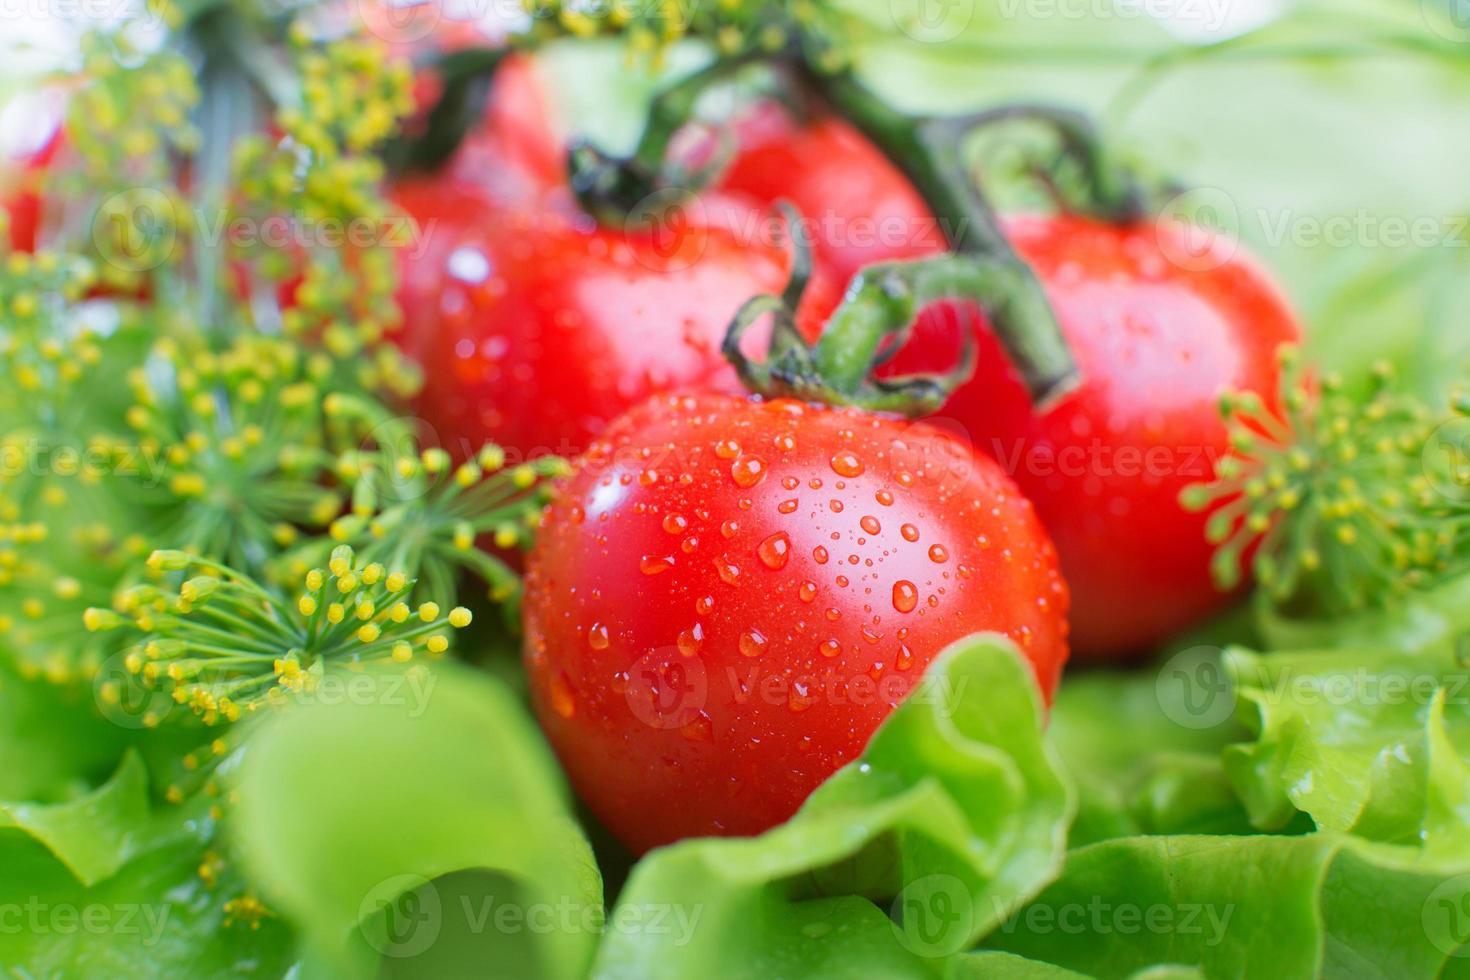 närbild av tomater på en bakgrund av grön sallad foto